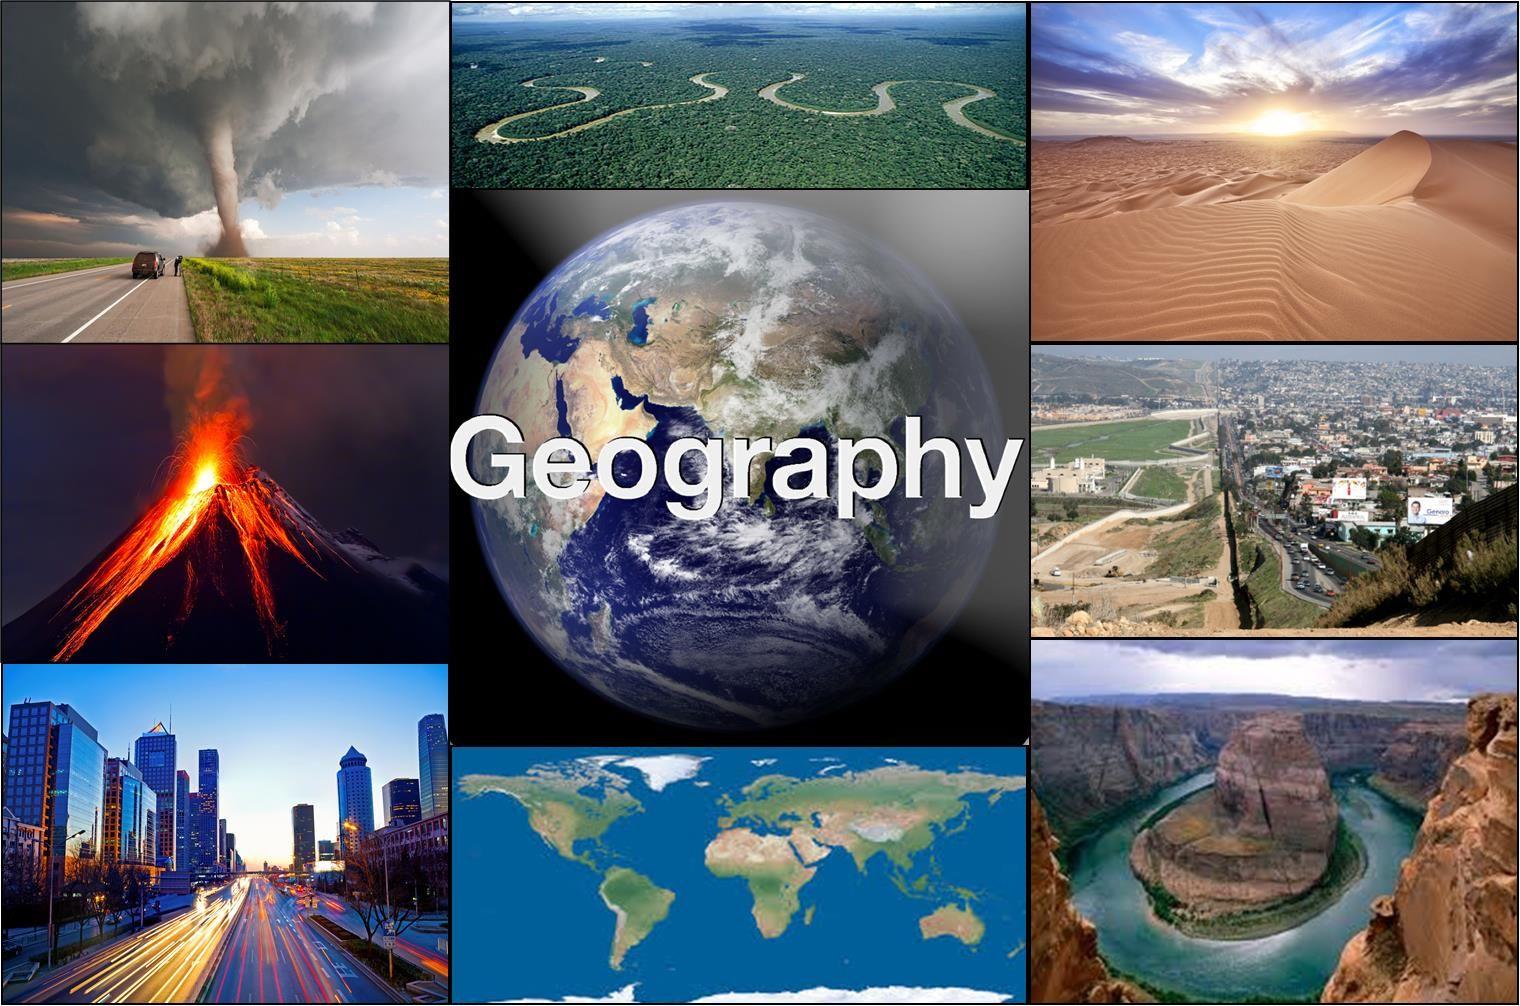 coğrafya, geography